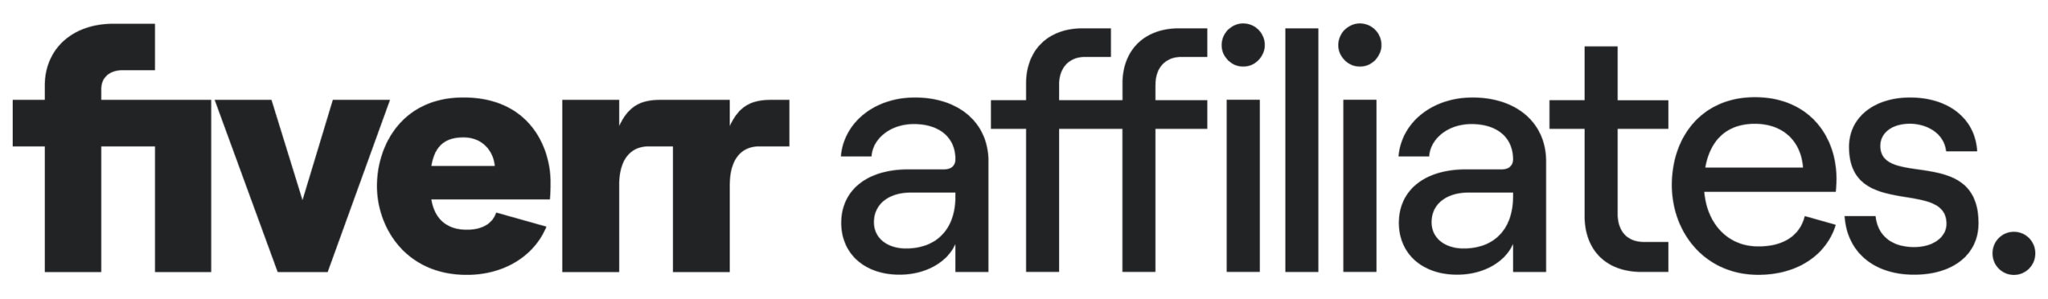 fiverr affiliates